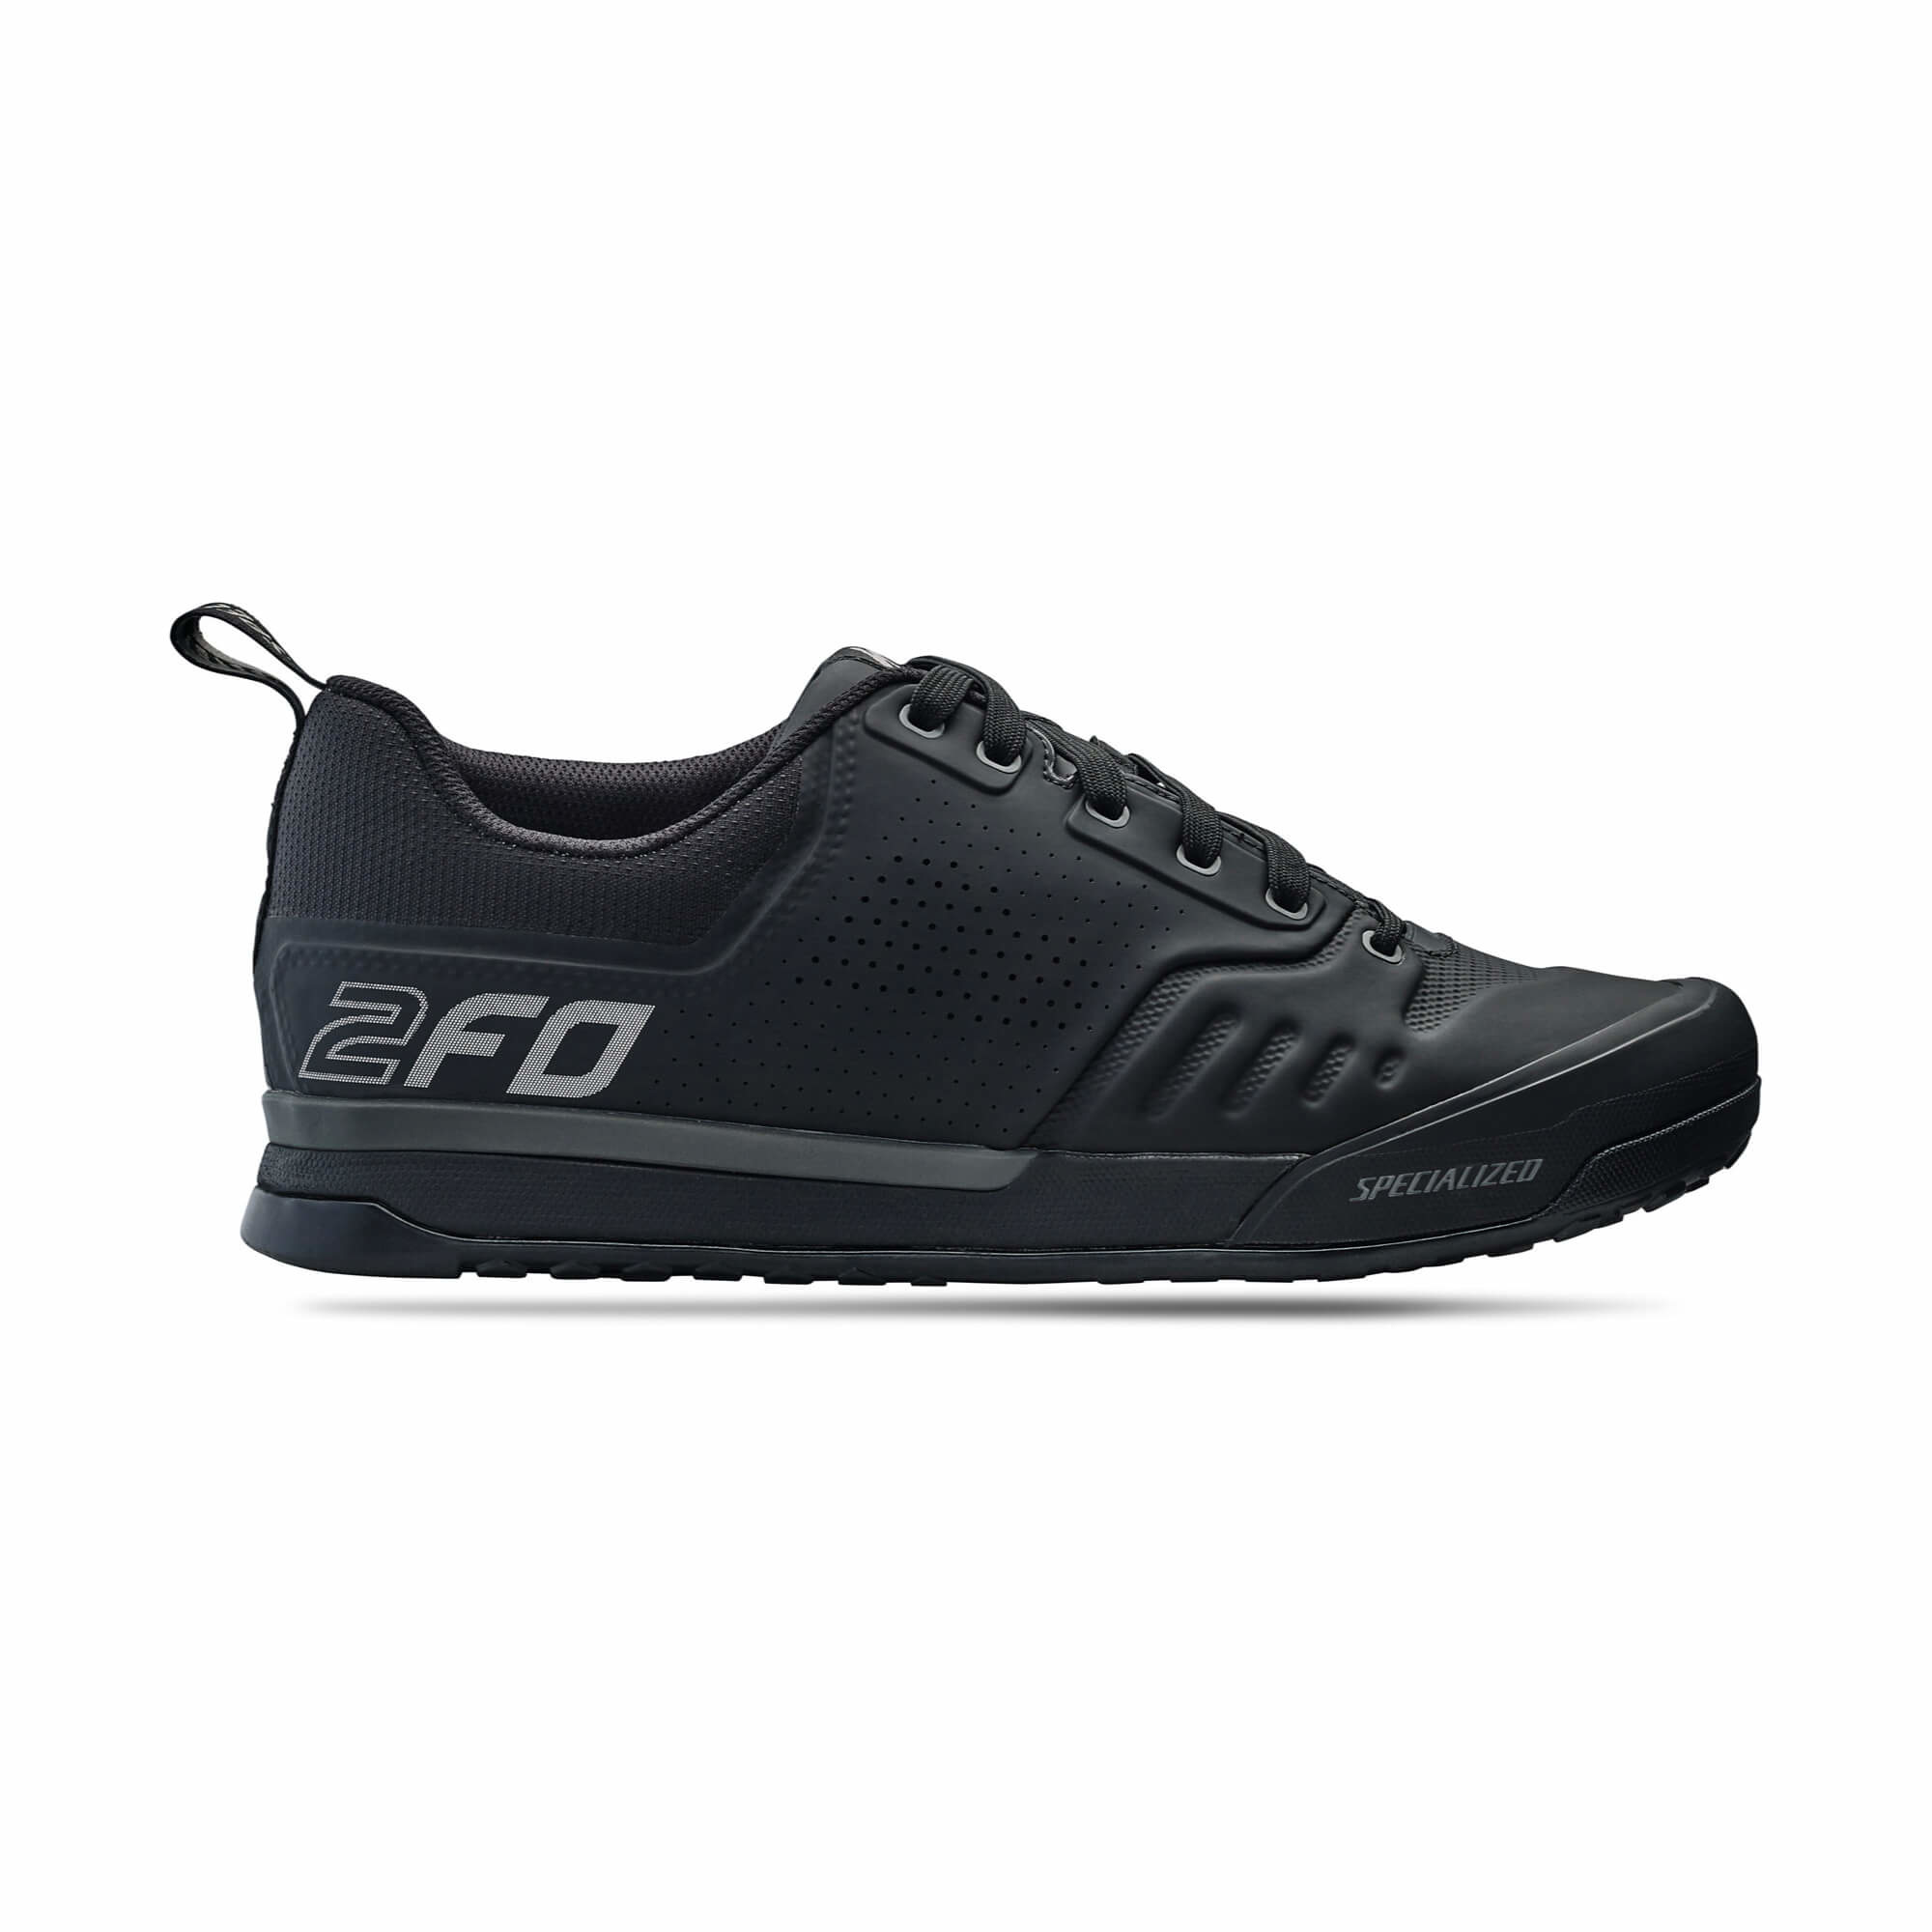 2FO Flat 2.0 MTB Shoe-1